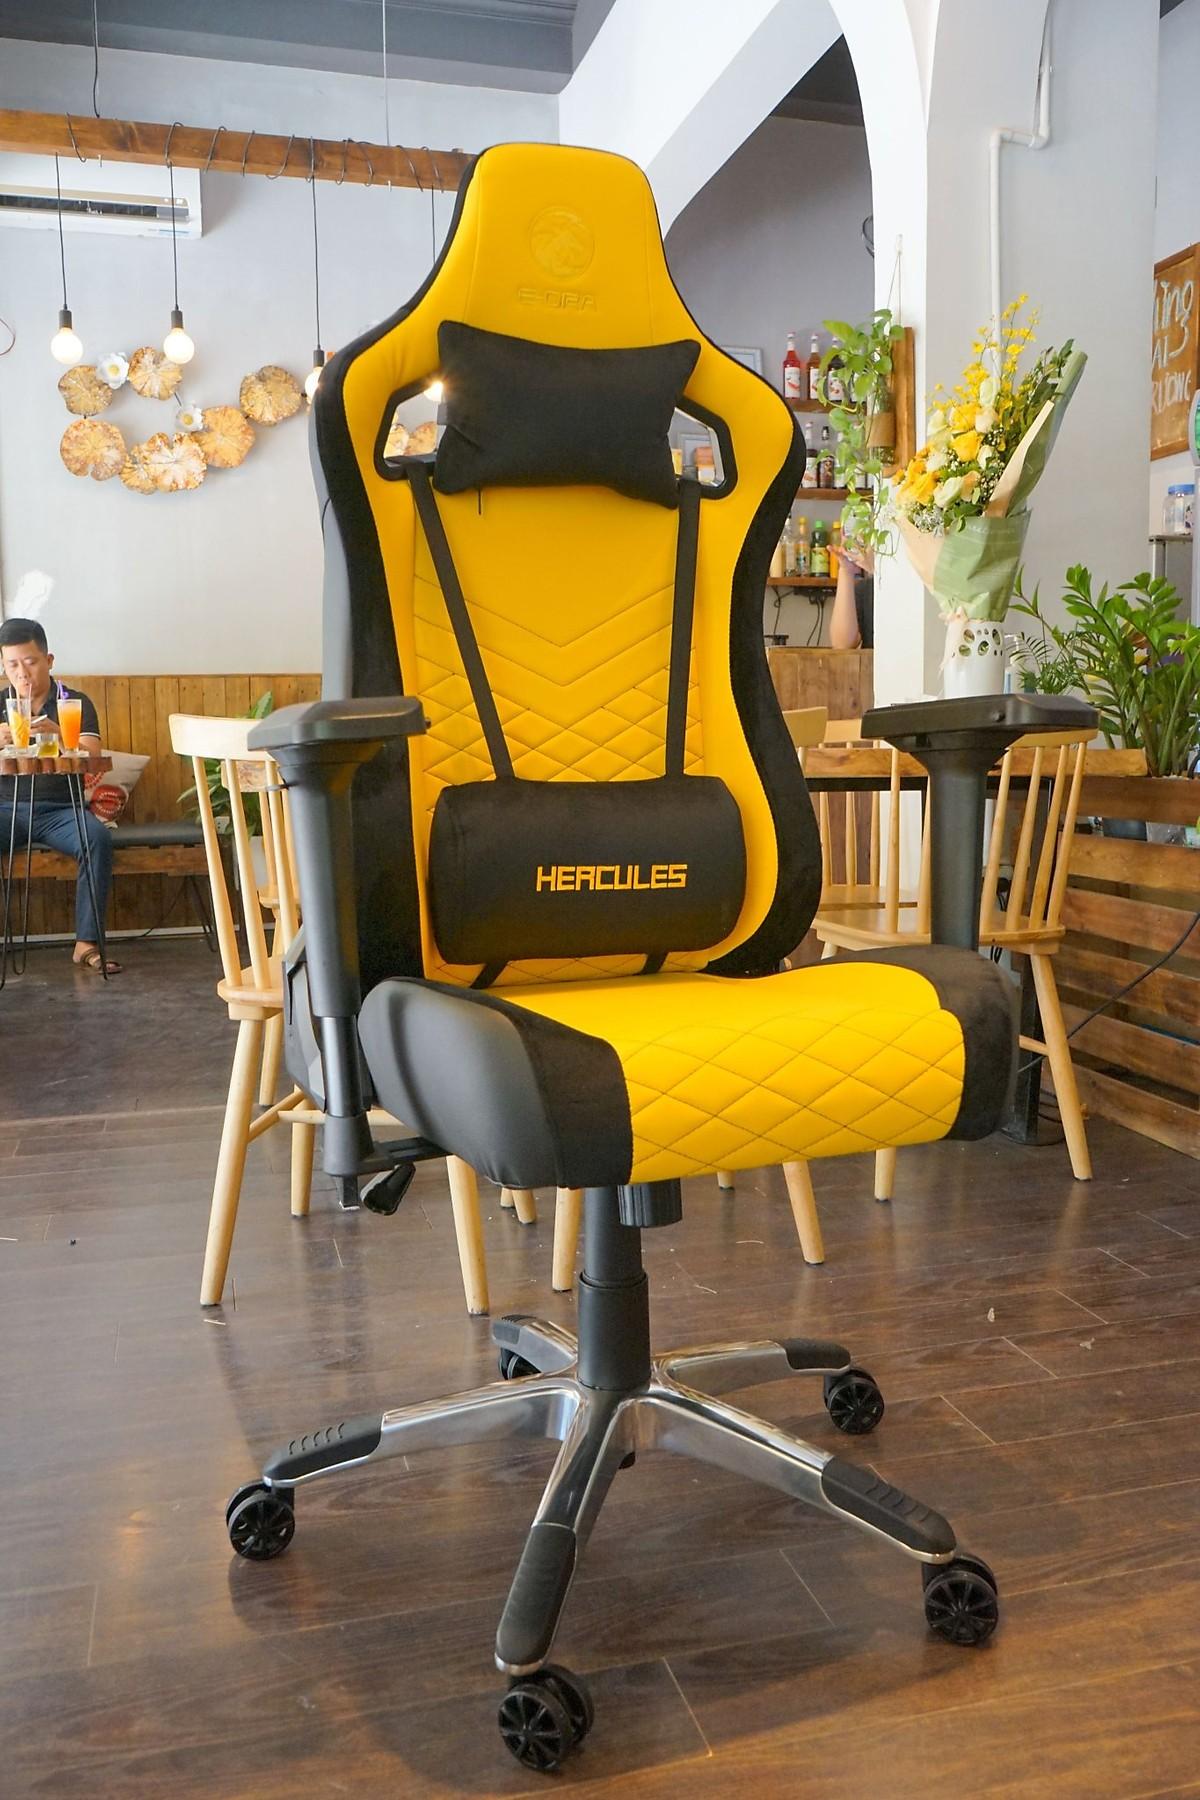 Ngồi chơi game hay làm việc trước máy tính nhiều thì đừng bỏ qua những chiếc ghế này vừa thoải mái lại giảm đau nhức xương khớp - Ảnh 5.